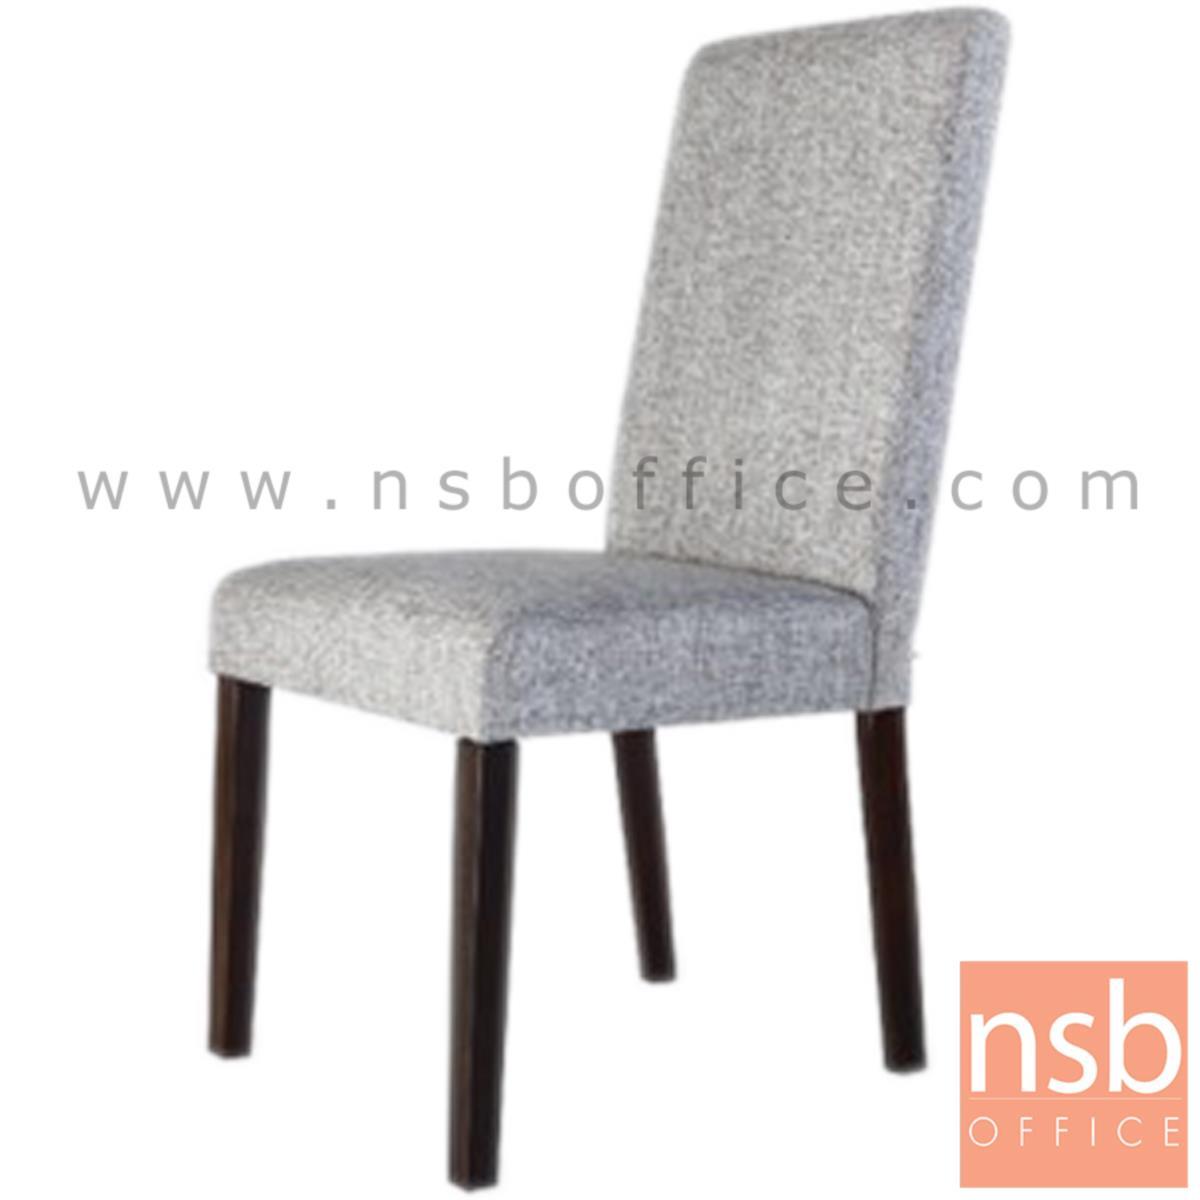 B22A166:เก้าอี้ไม้ที่นั่งหุ้มผ้า รุ่น SESBAN (ซีสบัน)  ขาไม้